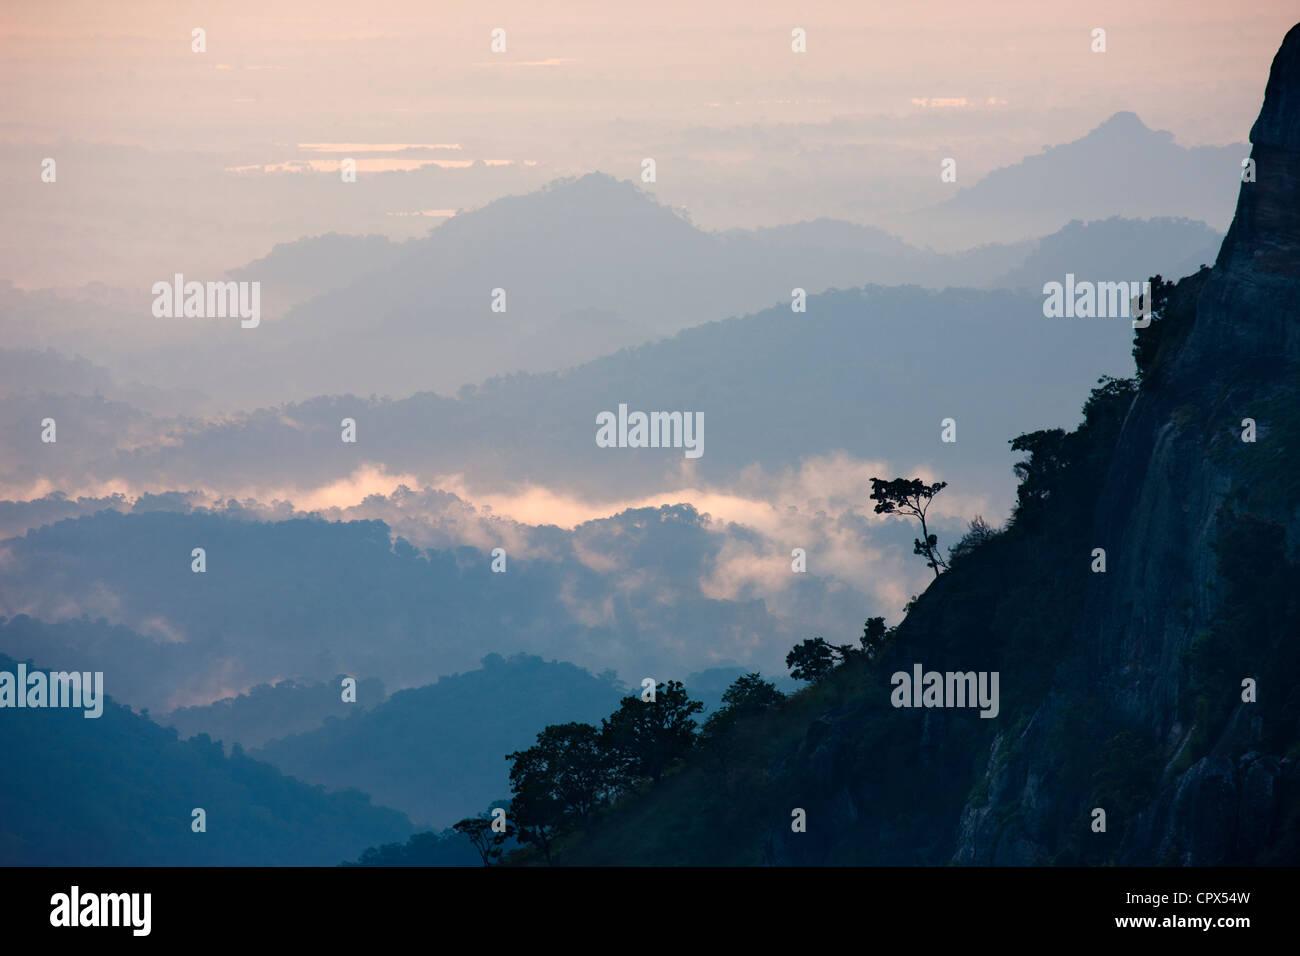 the Ella Gap at dawn, Southern Highlands, Sri Lanka - Stock Image